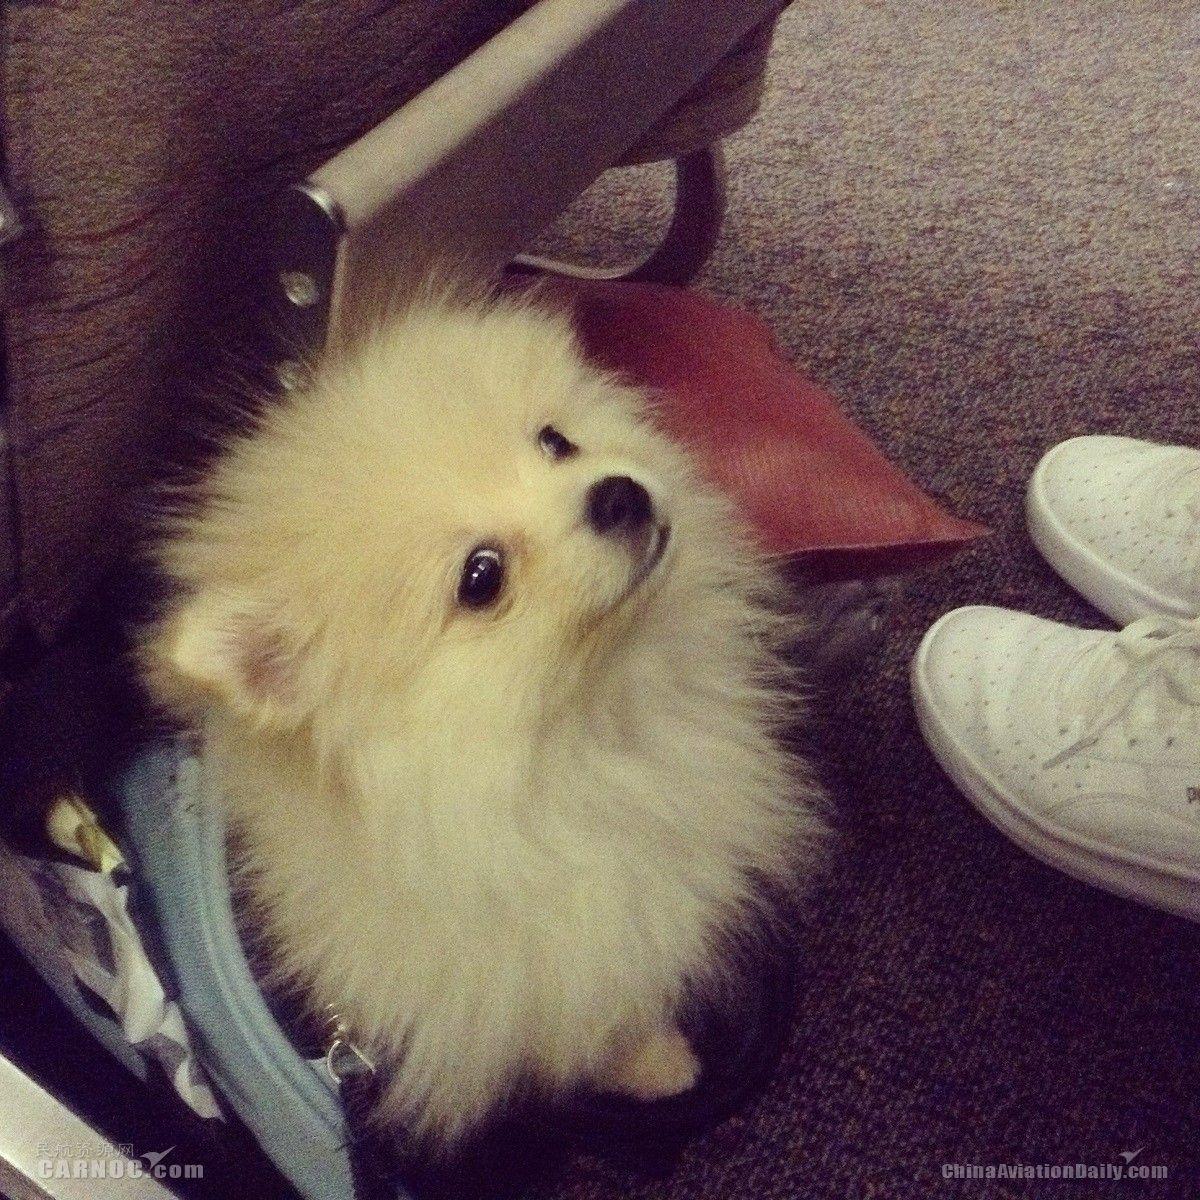 美航企强烈要求限制旅客携带宠物乘机